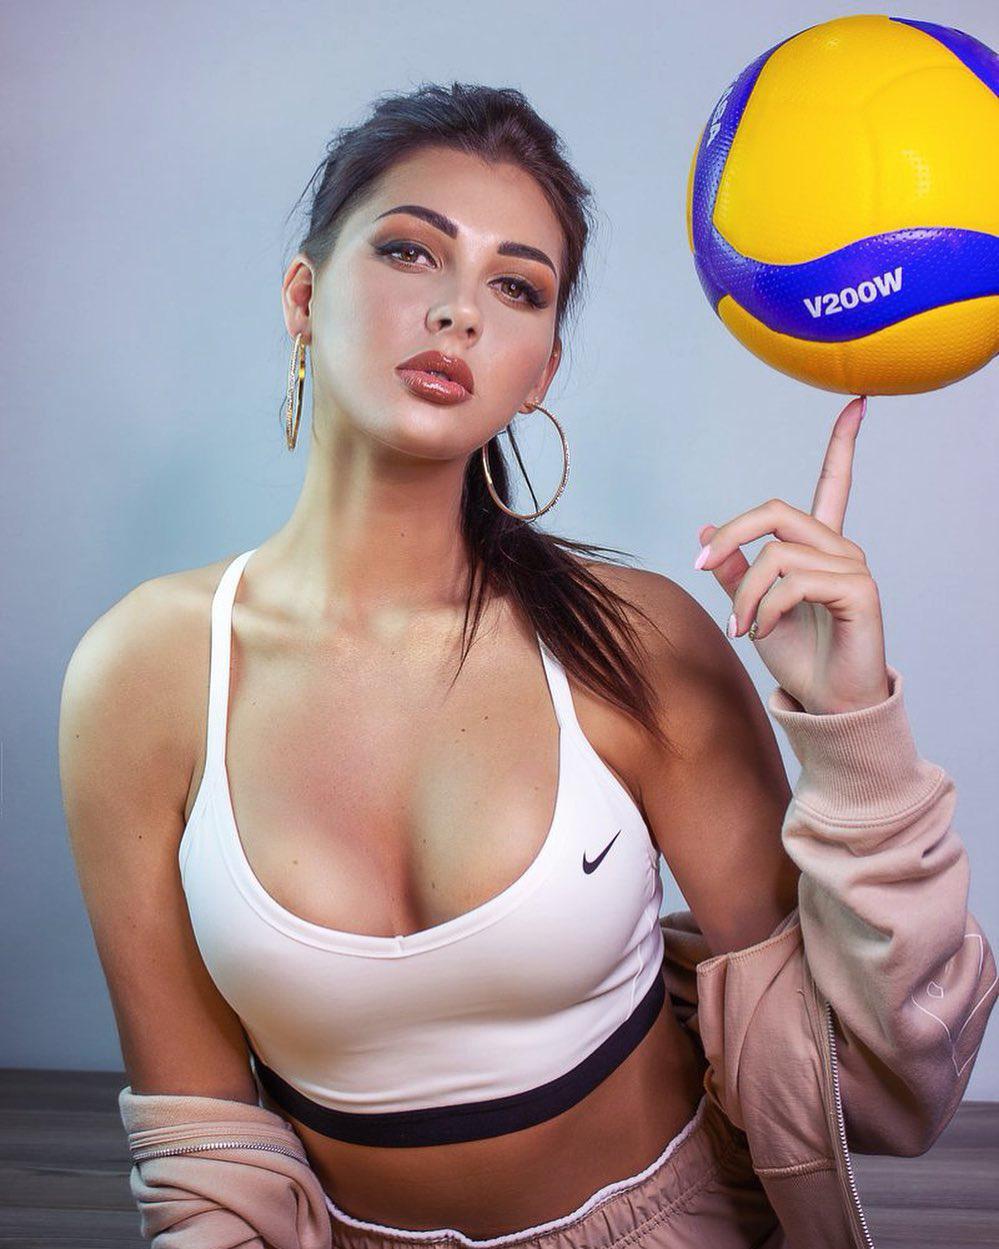 """VĐV bóng chuyền gợi cảm, được khen """"nữ thần"""" của làng thể thao - Ảnh 7."""